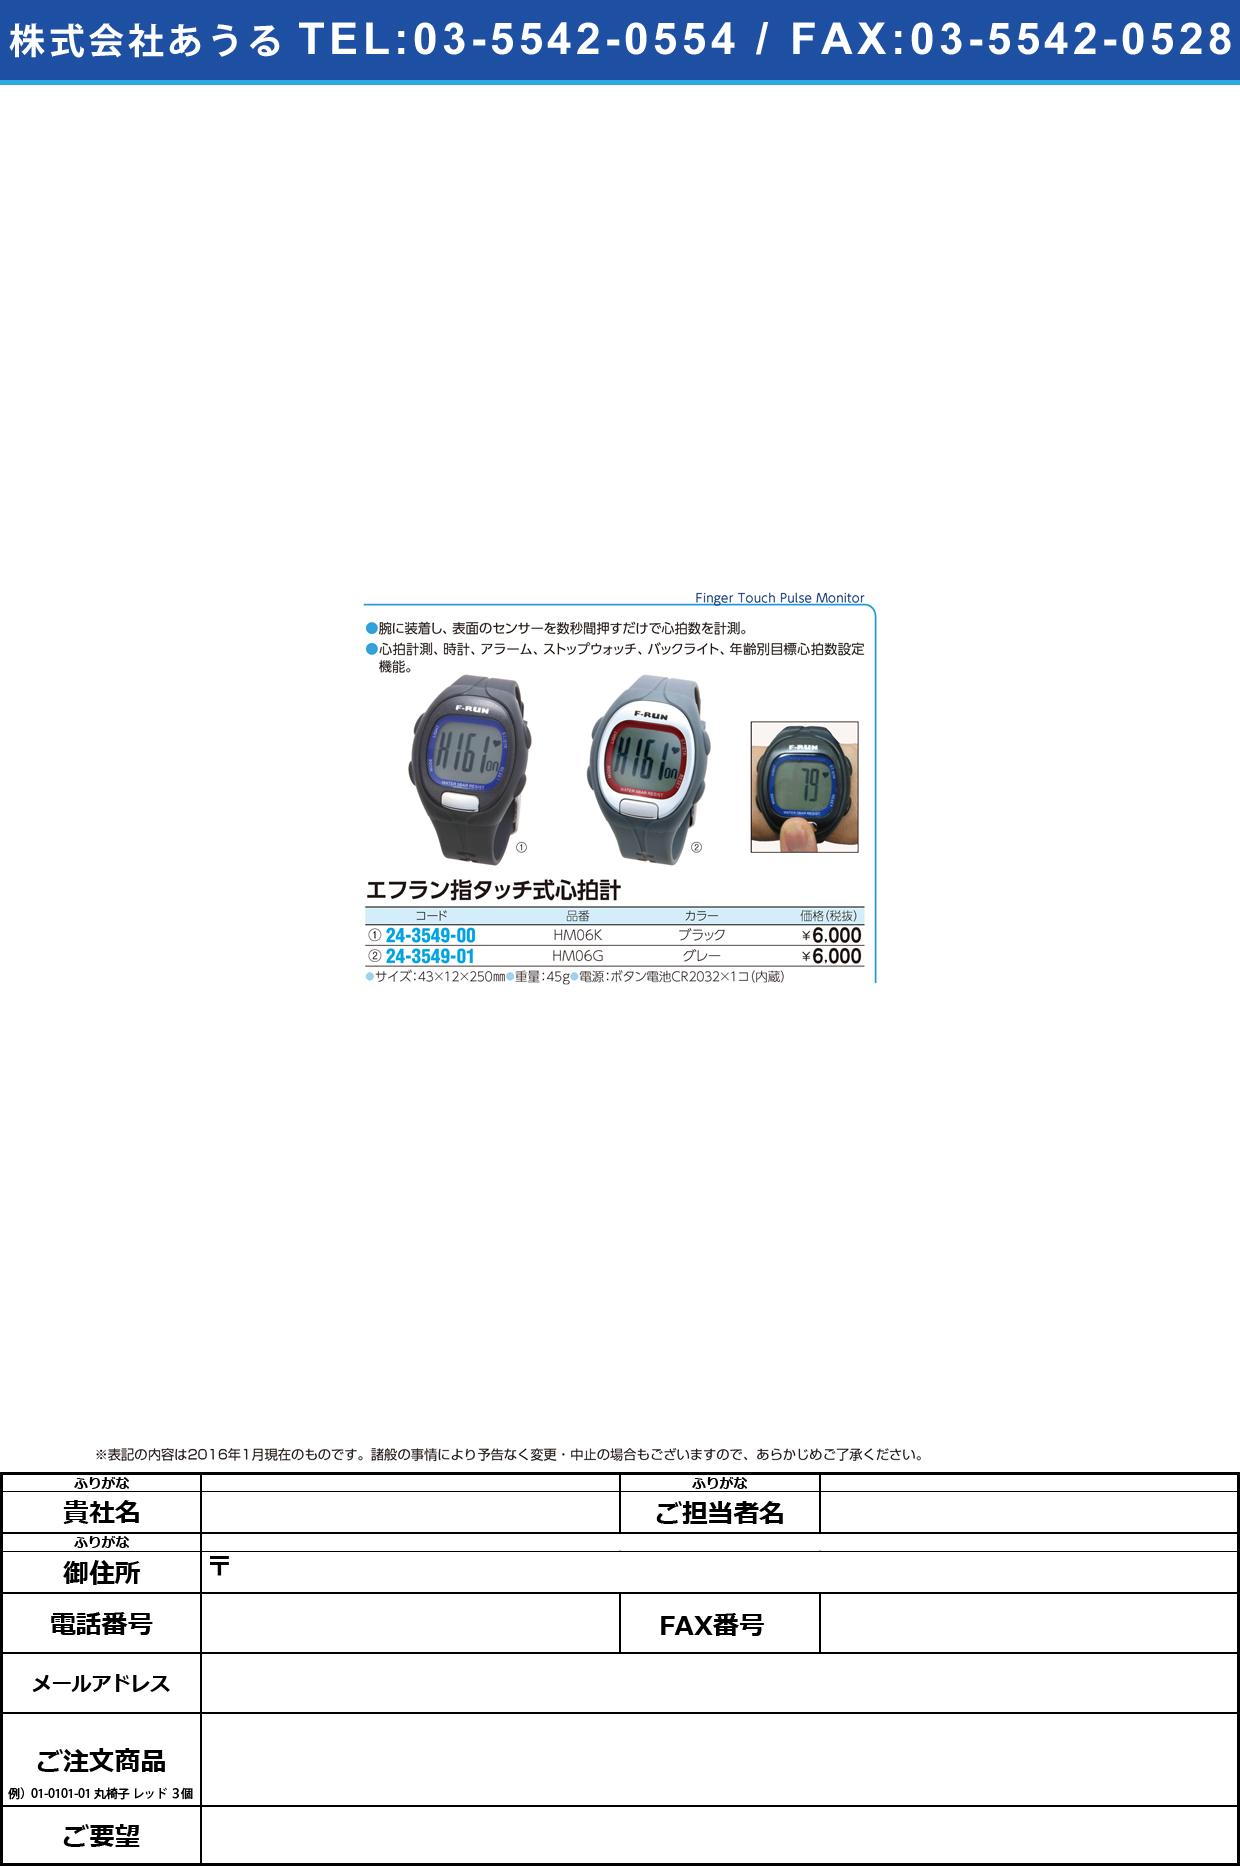 指タッチ式心拍計(ハートメーター)  ユビタッチシキシンパクケイ HM06K(ブラック)【1個単位】(24-3549-00)